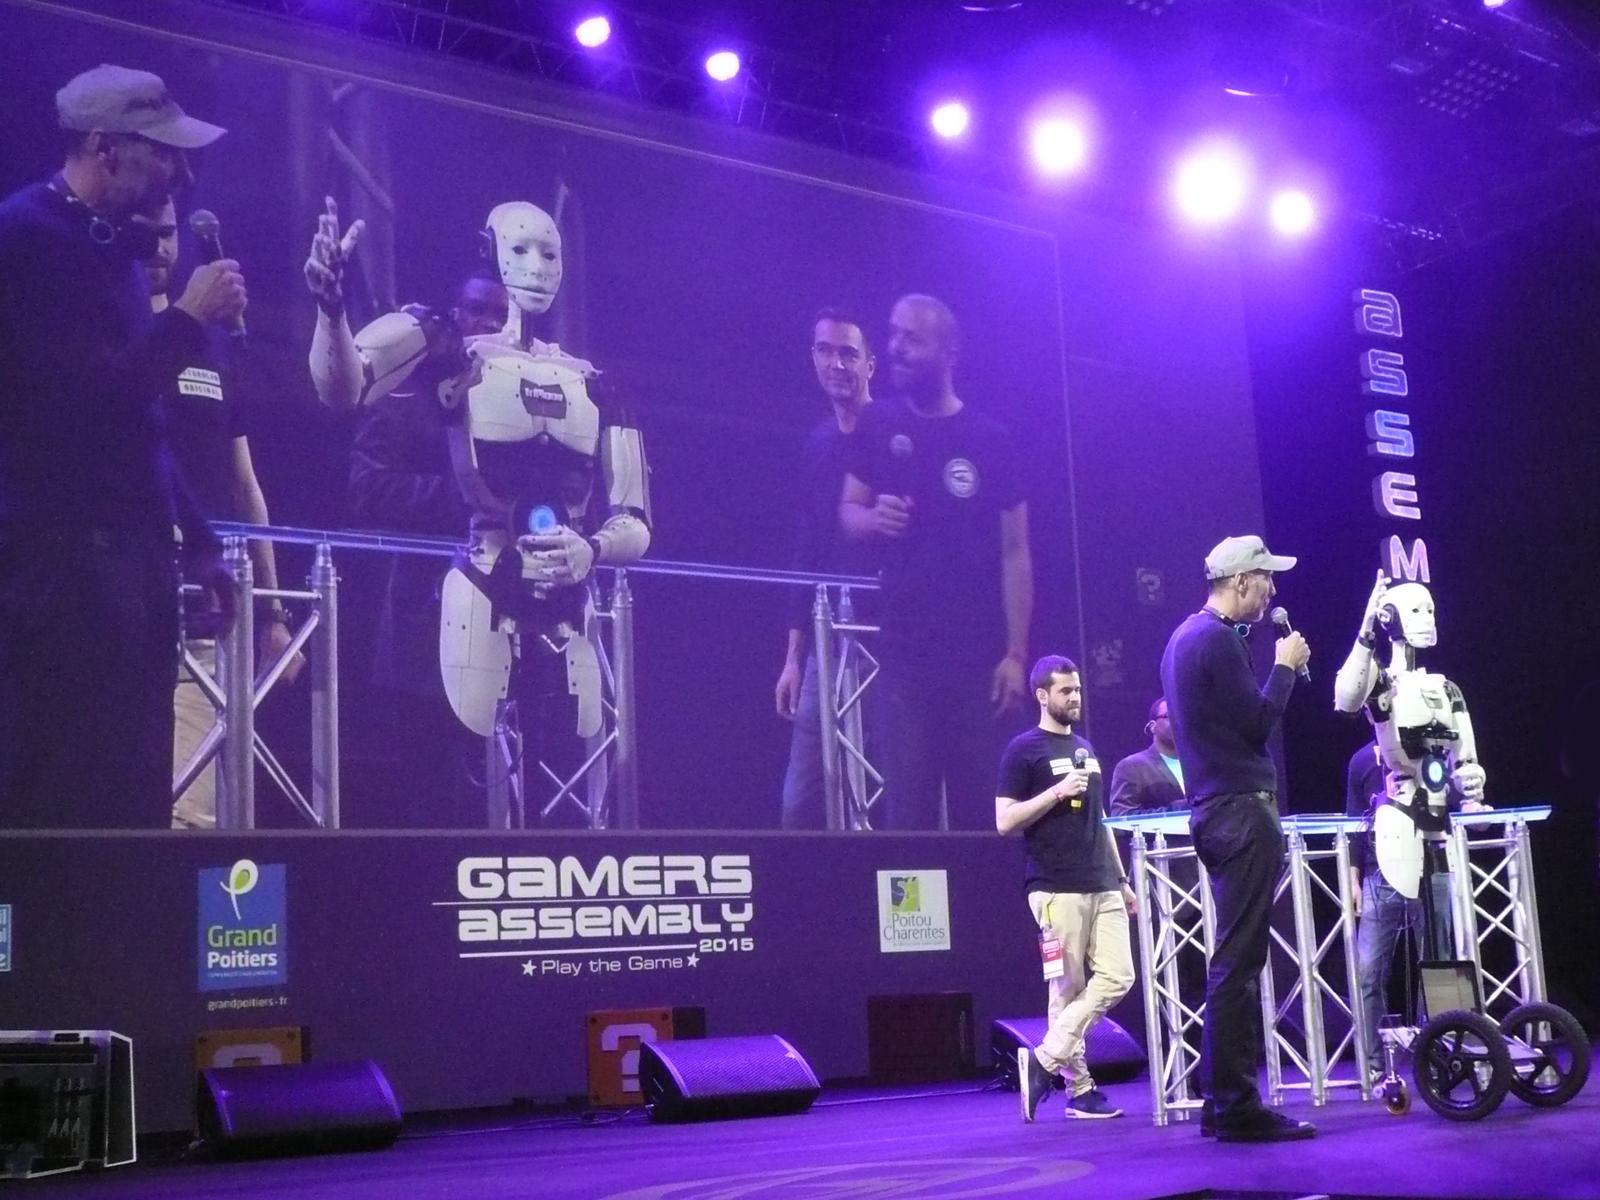 InMoov à la cérémonie d'ouverture de la Gamers Assembly 2015